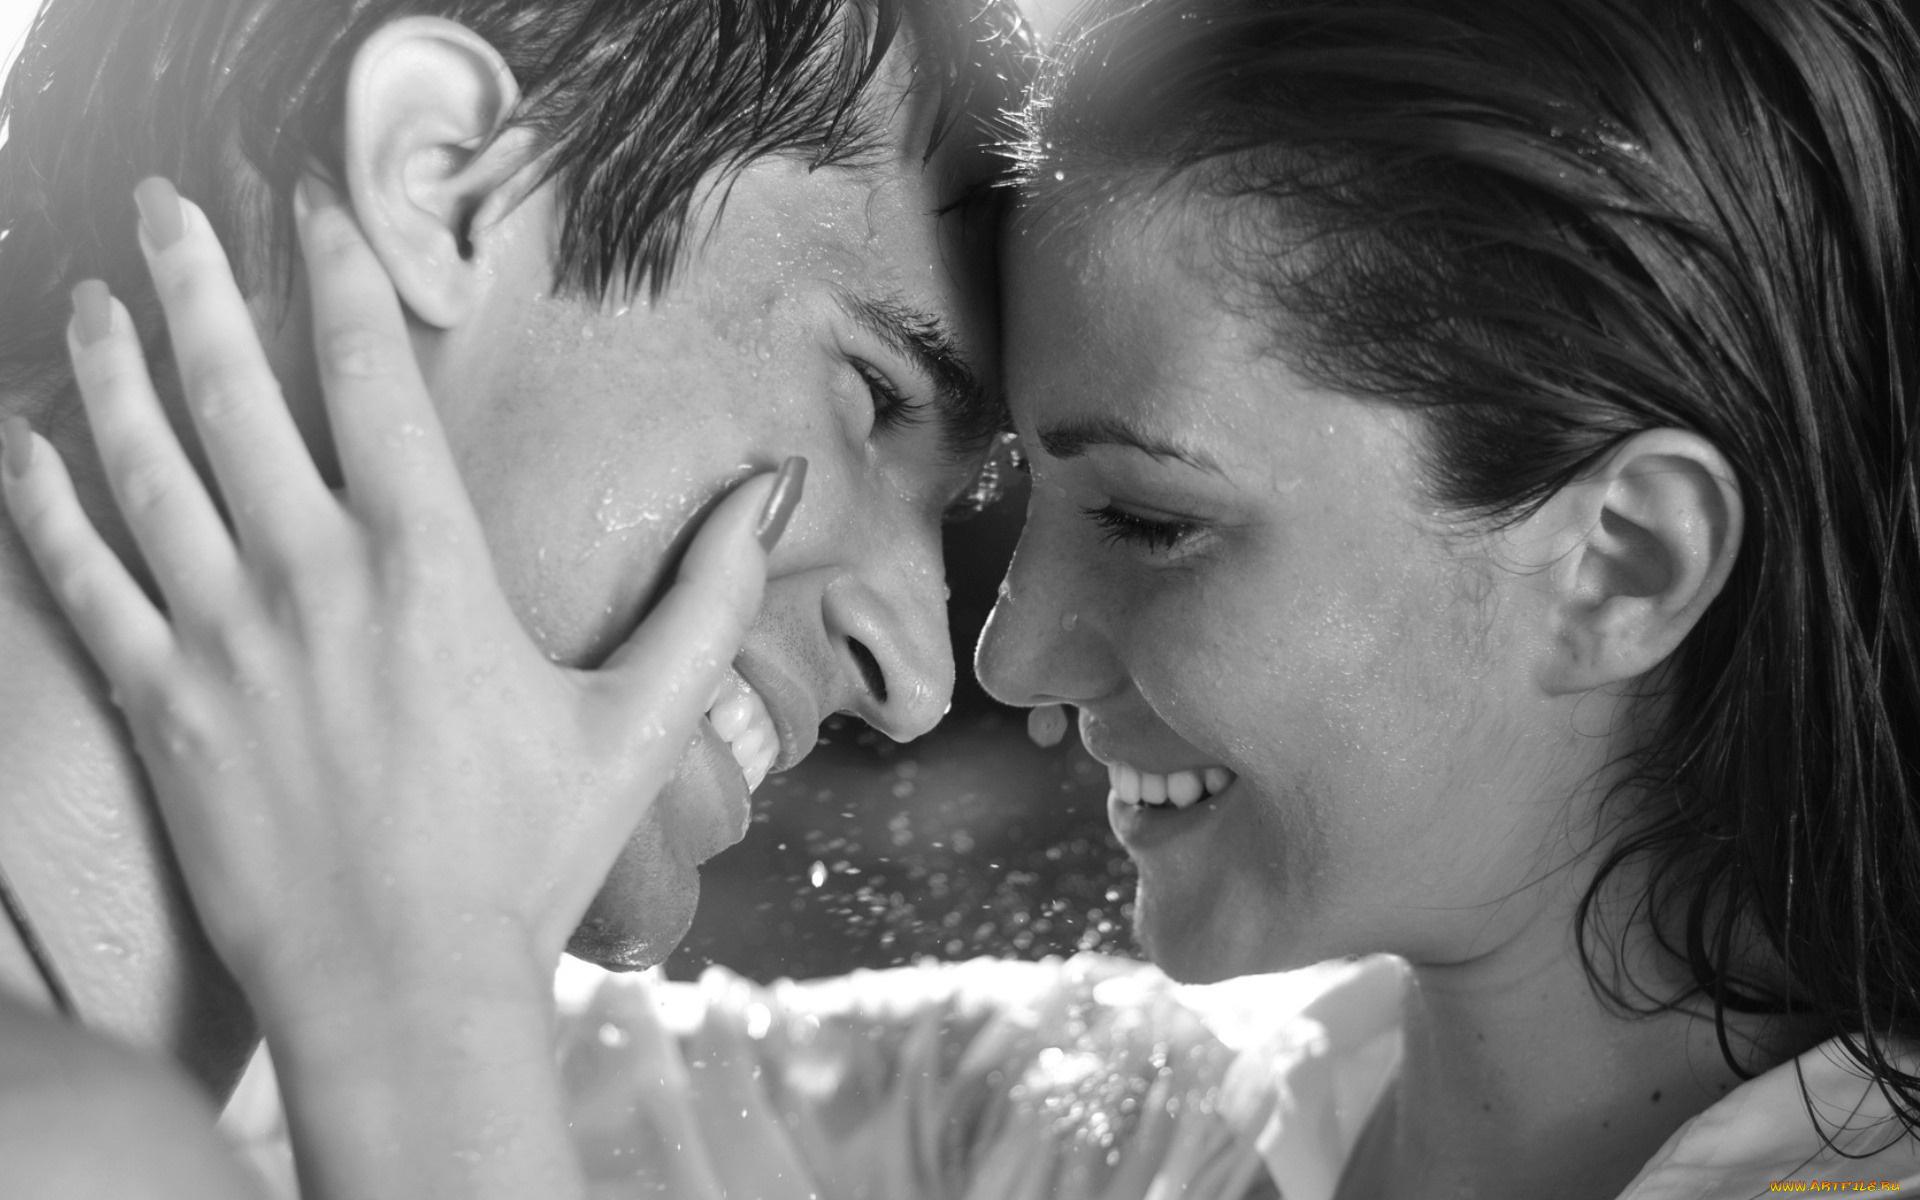 Картинки смешная, красивые открытки мужчина и женщина вместе